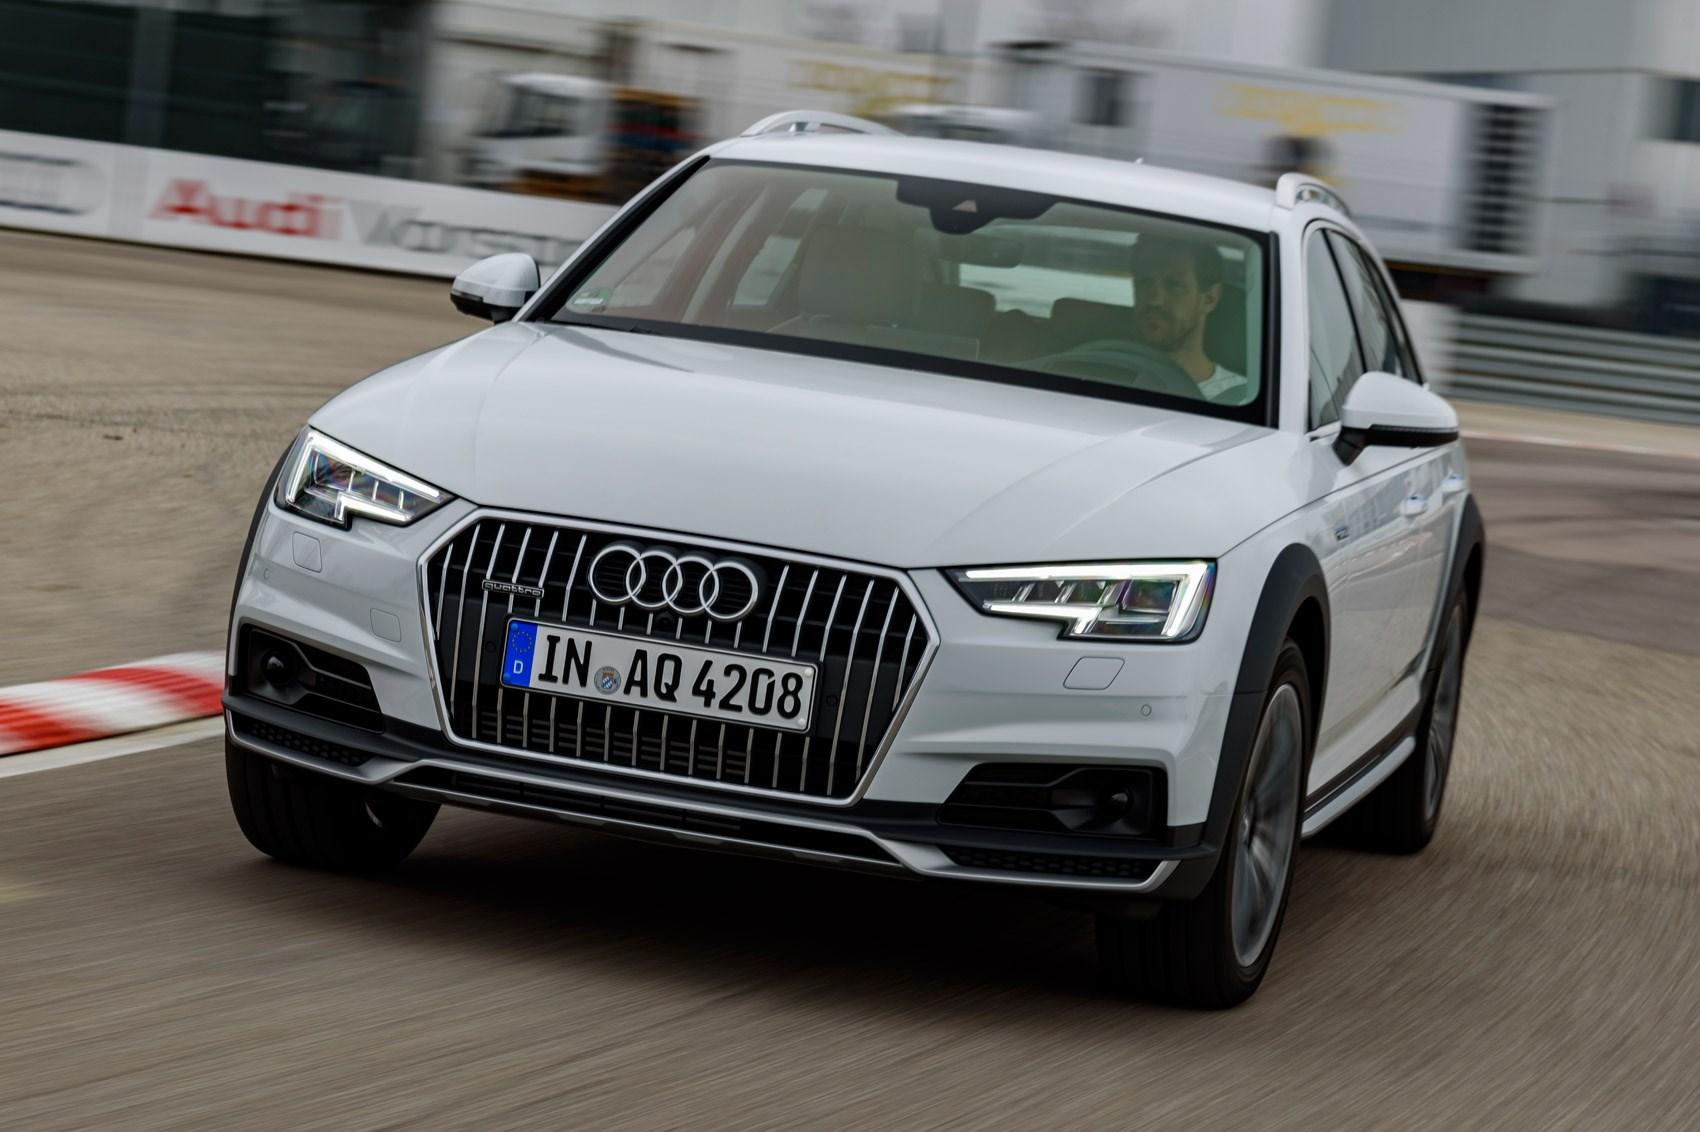 Компания Ауди снизила цены на детали иавтомобили в РФ